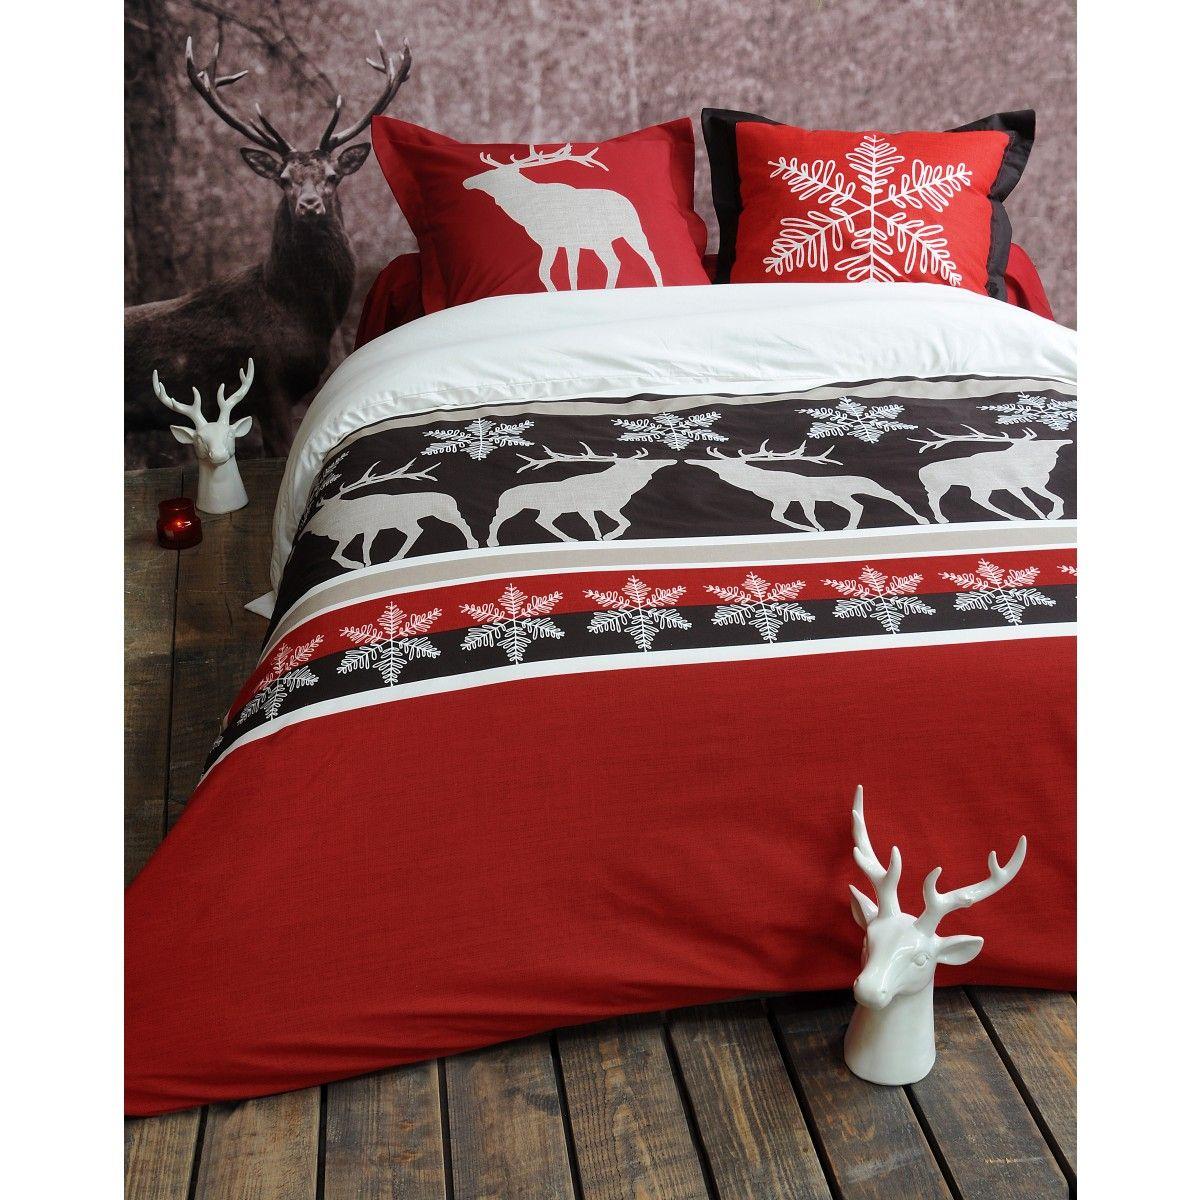 housse de couette cerf style chalet id es cadeaux de. Black Bedroom Furniture Sets. Home Design Ideas